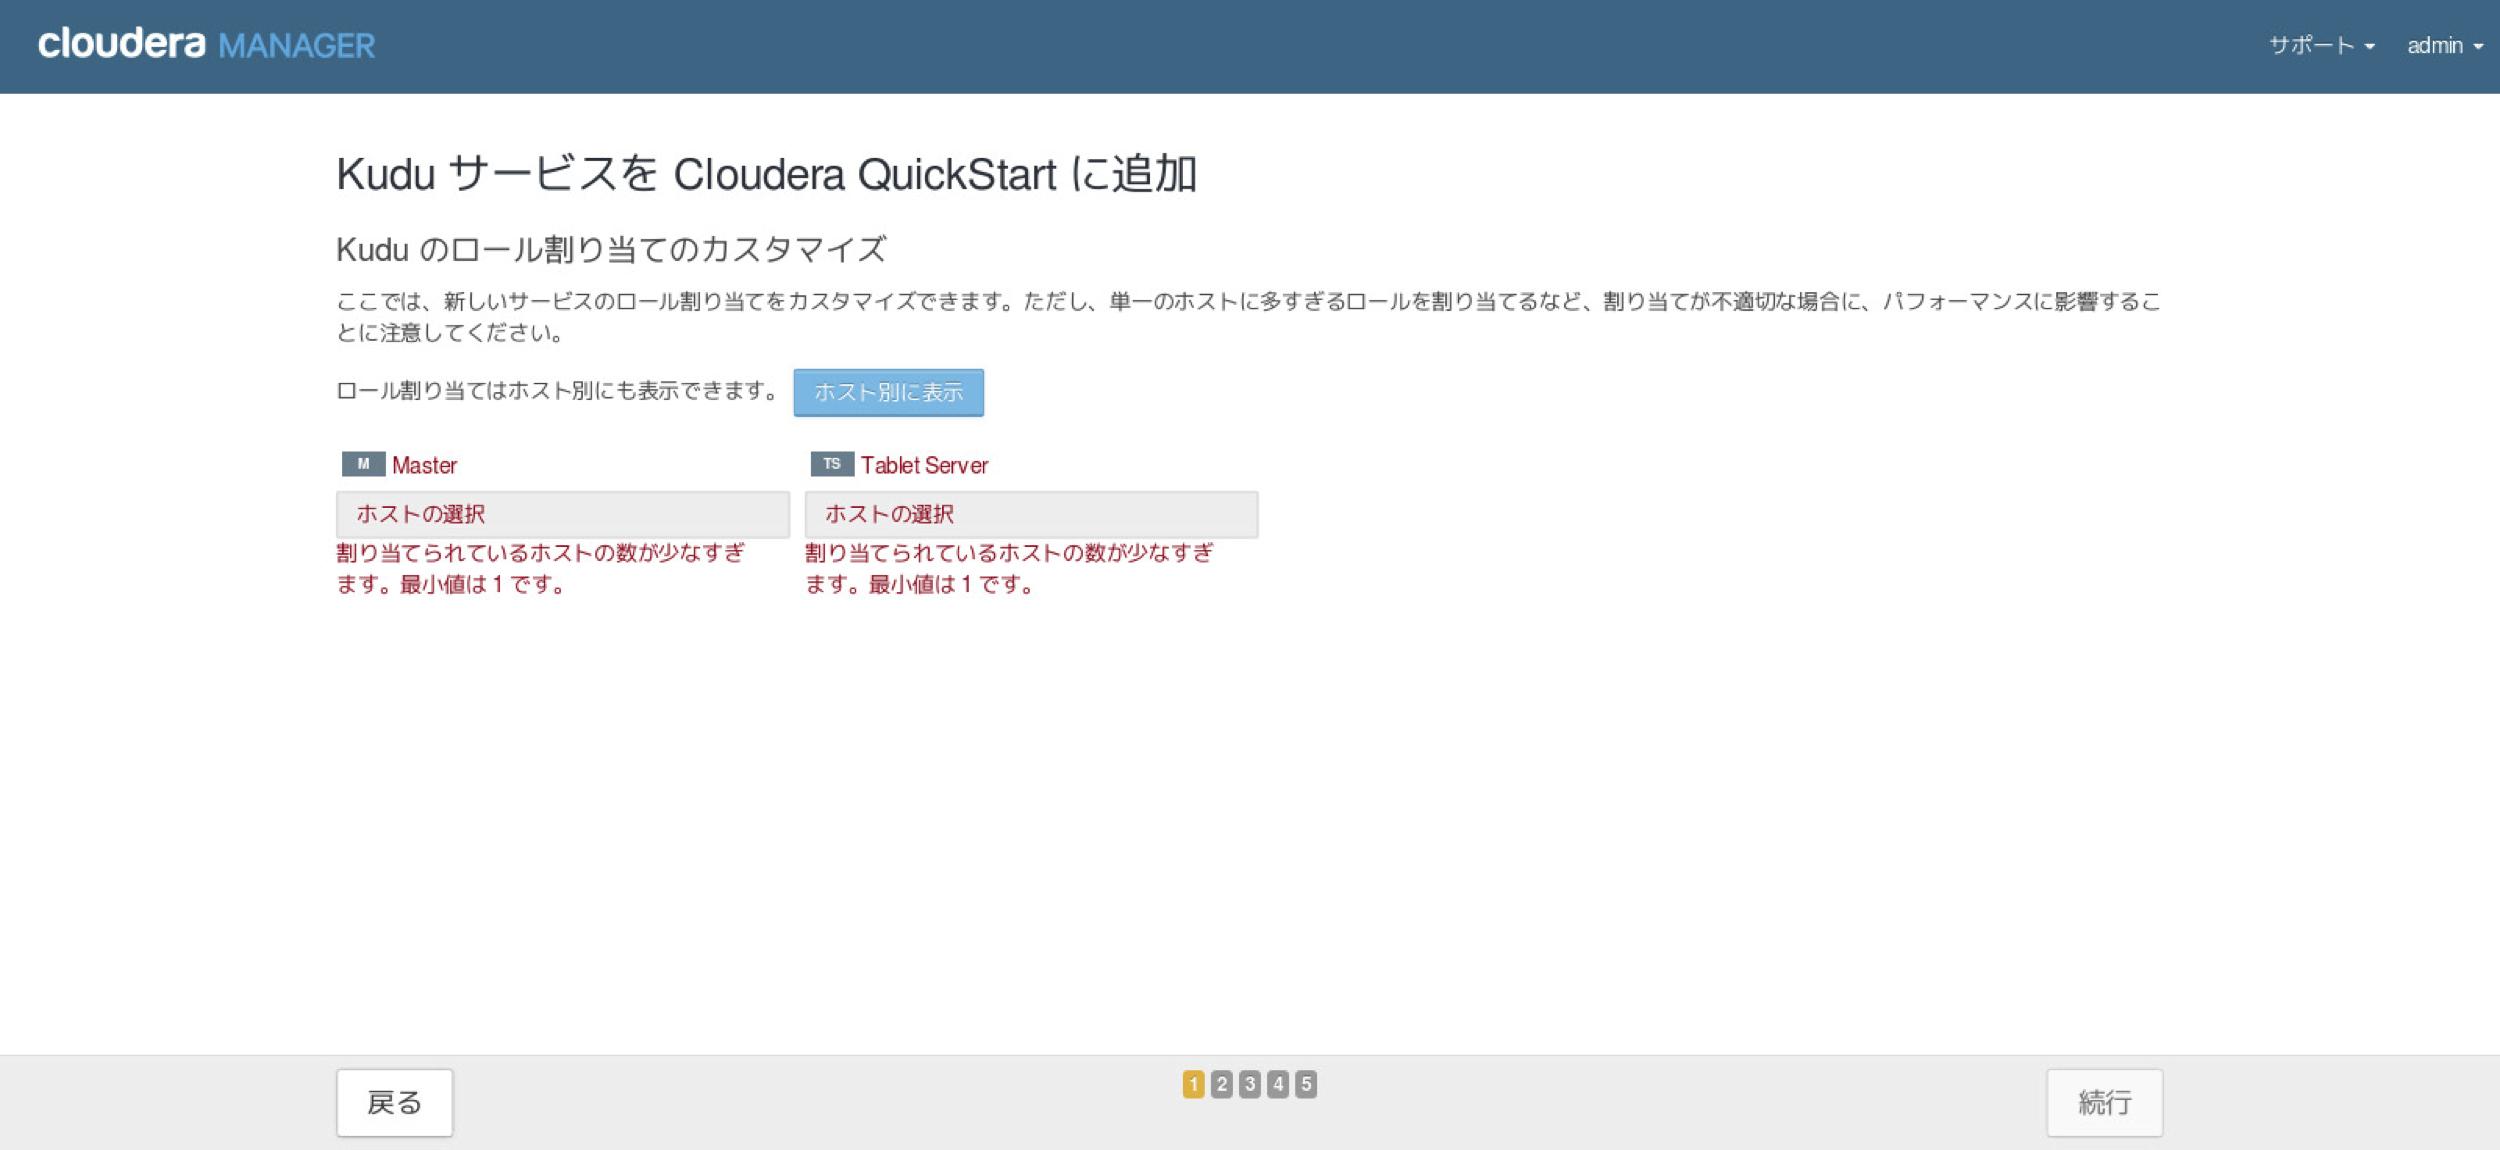 FireShot Capture 022 - Kudu サービスを Clo__ - http___quickstart.cloudera_7180_cm.png